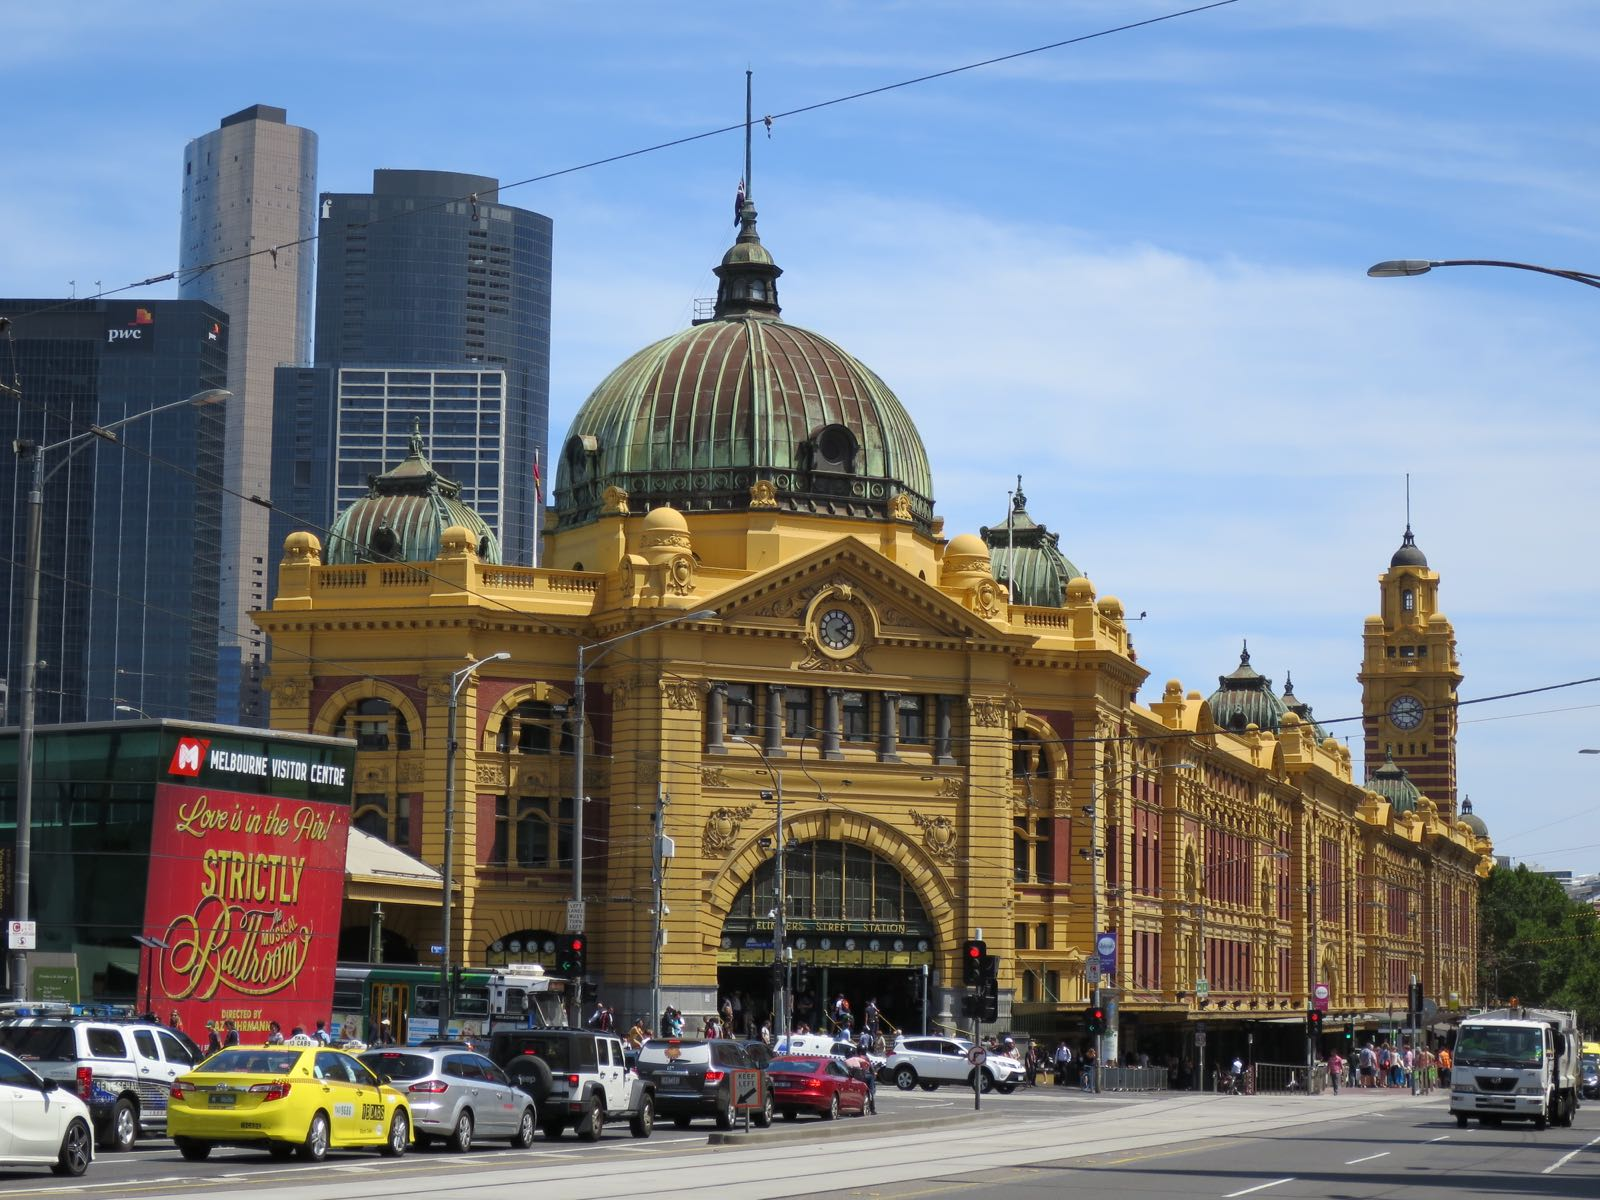 Melbournen päärautatieasema